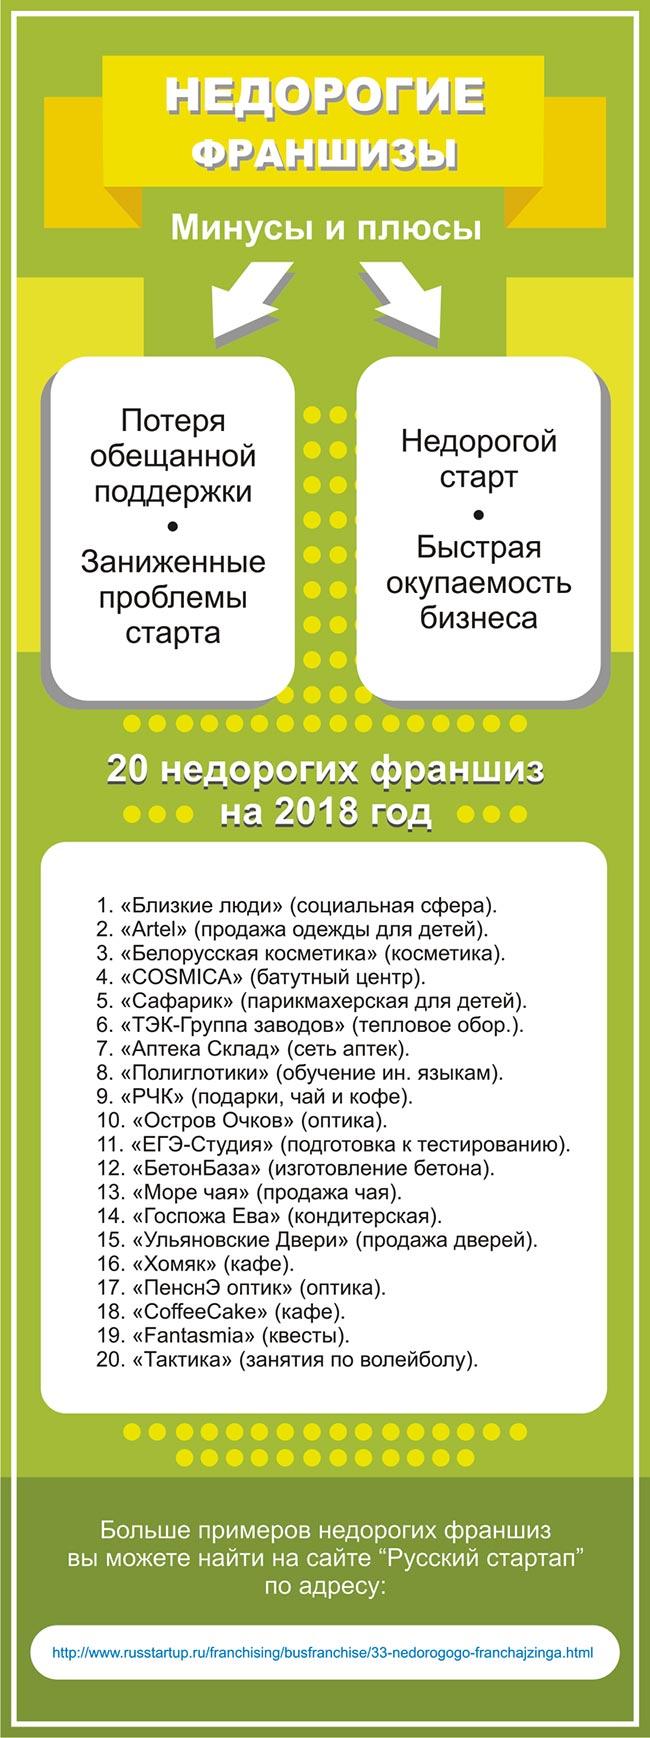 Инфографика от Русского стартапа_3